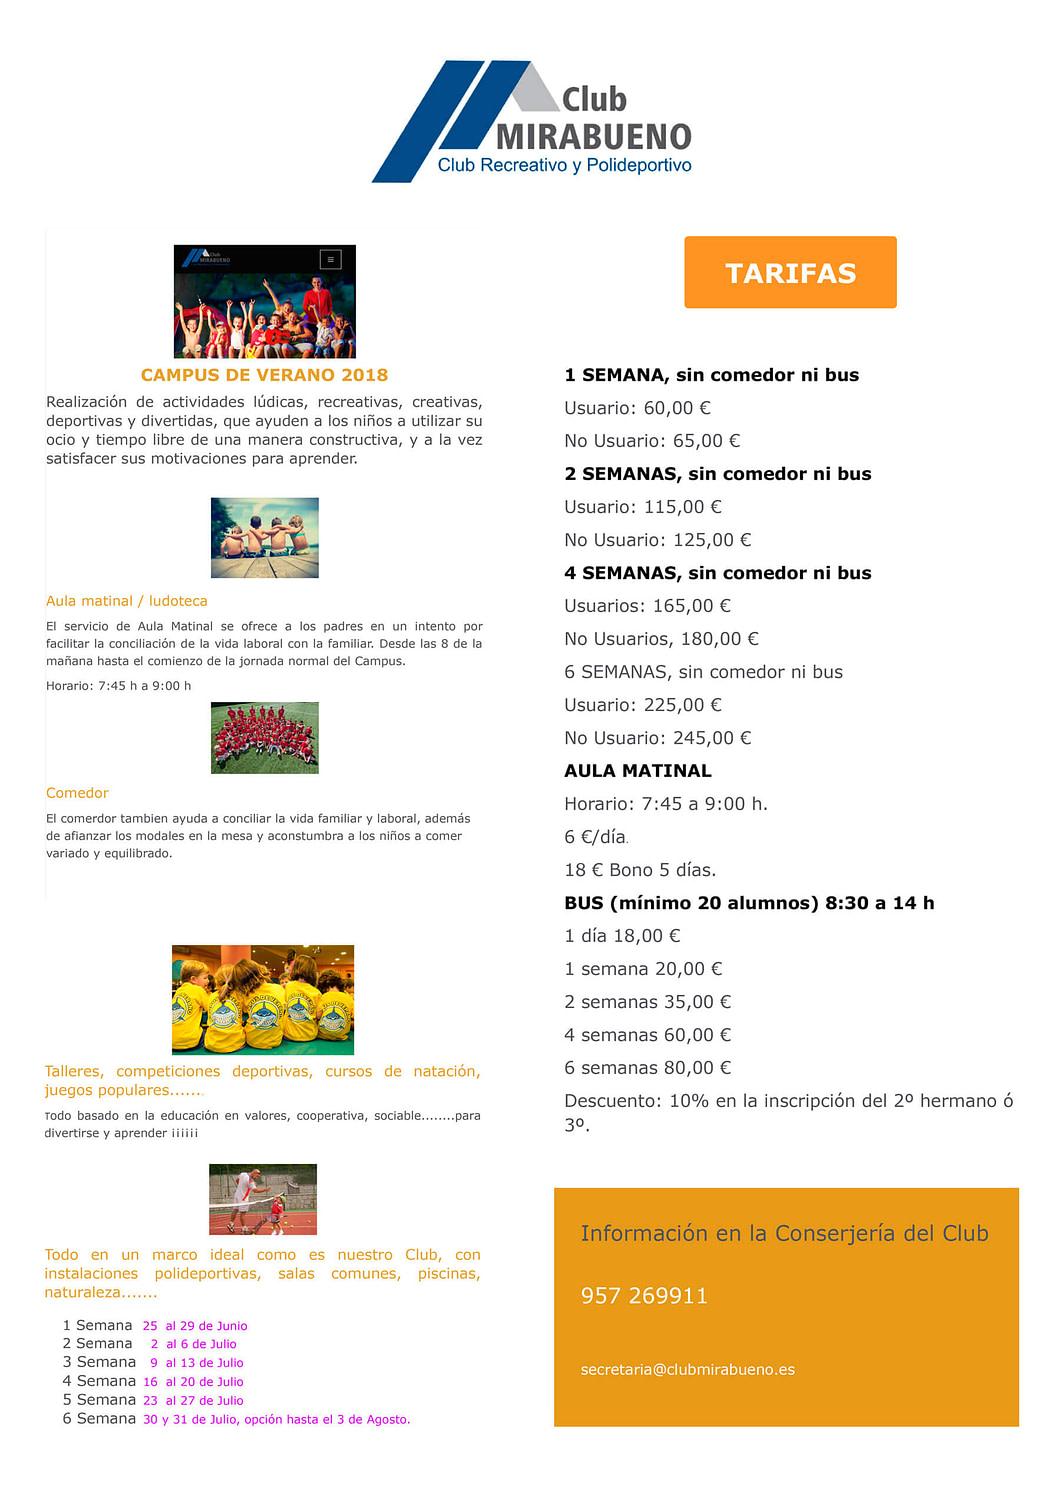 Campus de verano Club Mirabueno